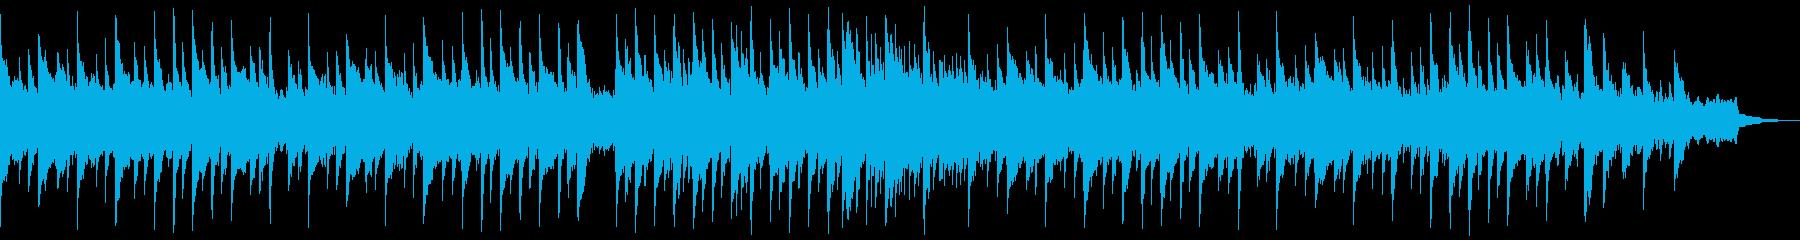 地底湖をイメージした透明感ある曲の再生済みの波形